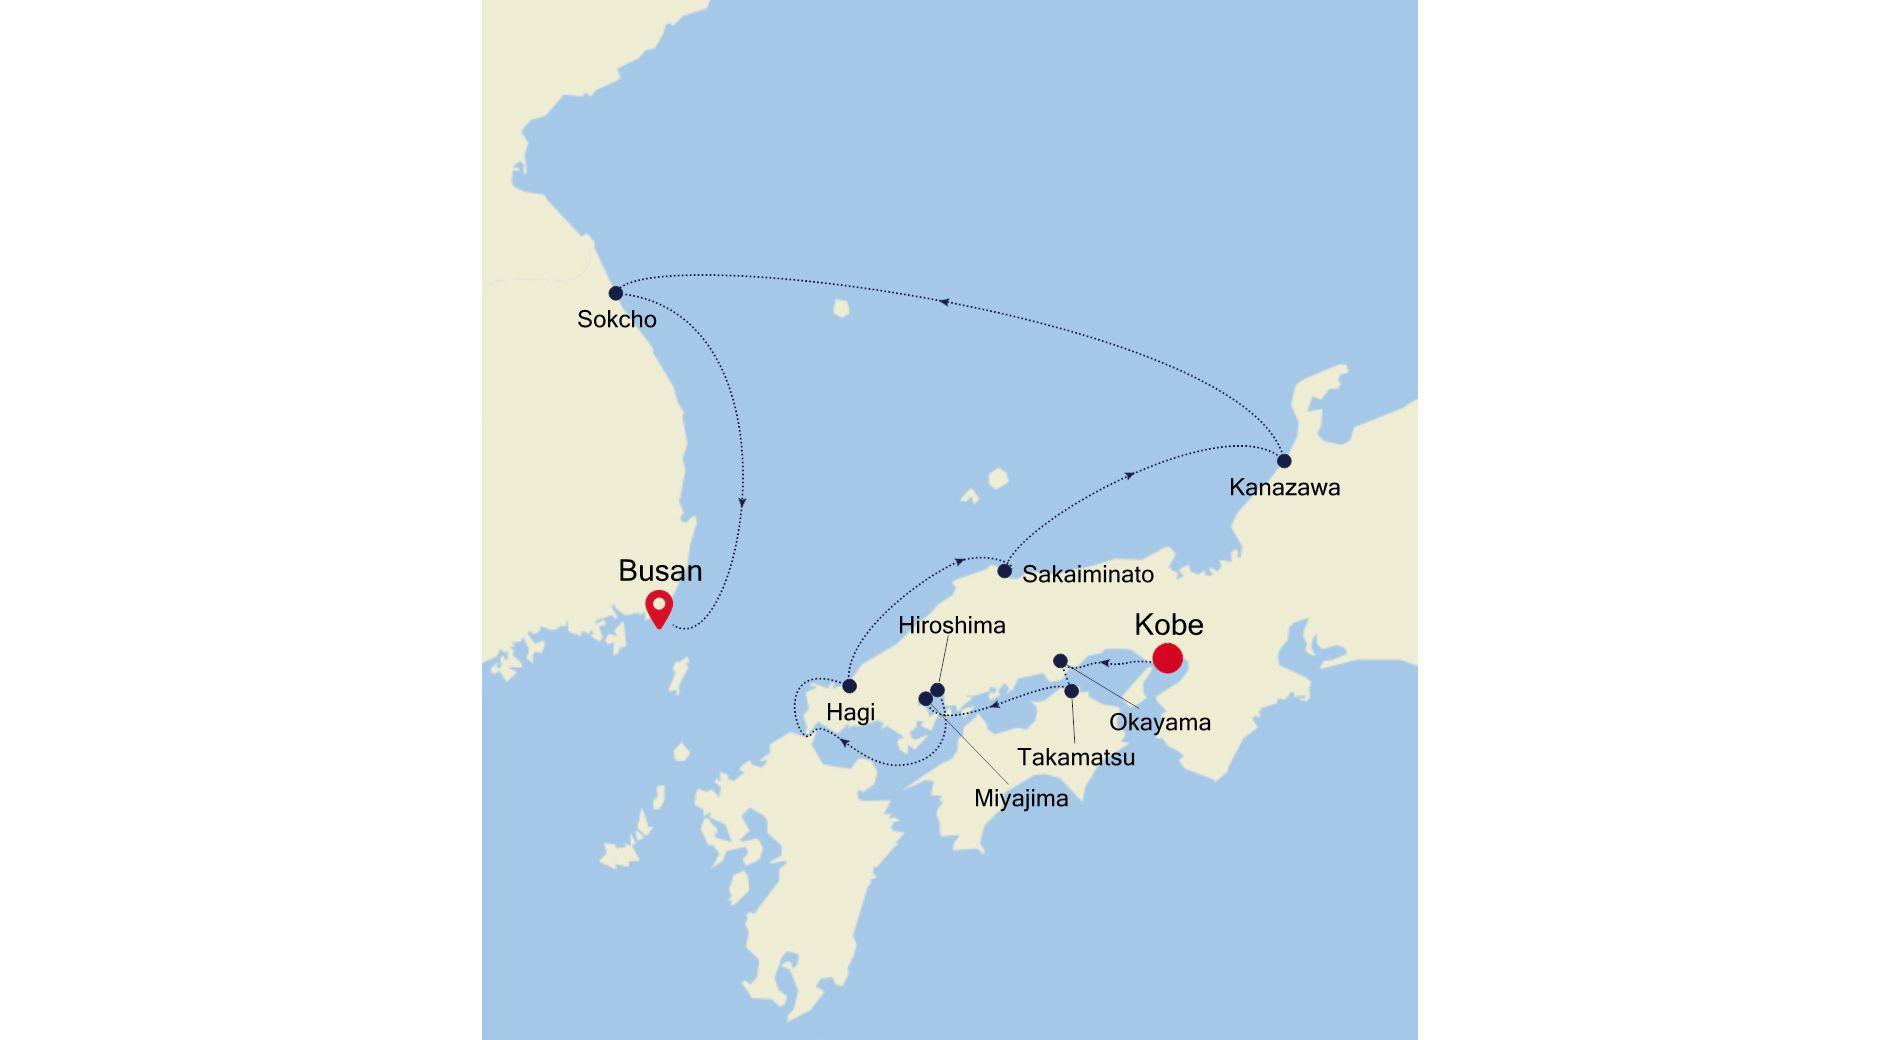 7910 - Kobe  a Busan